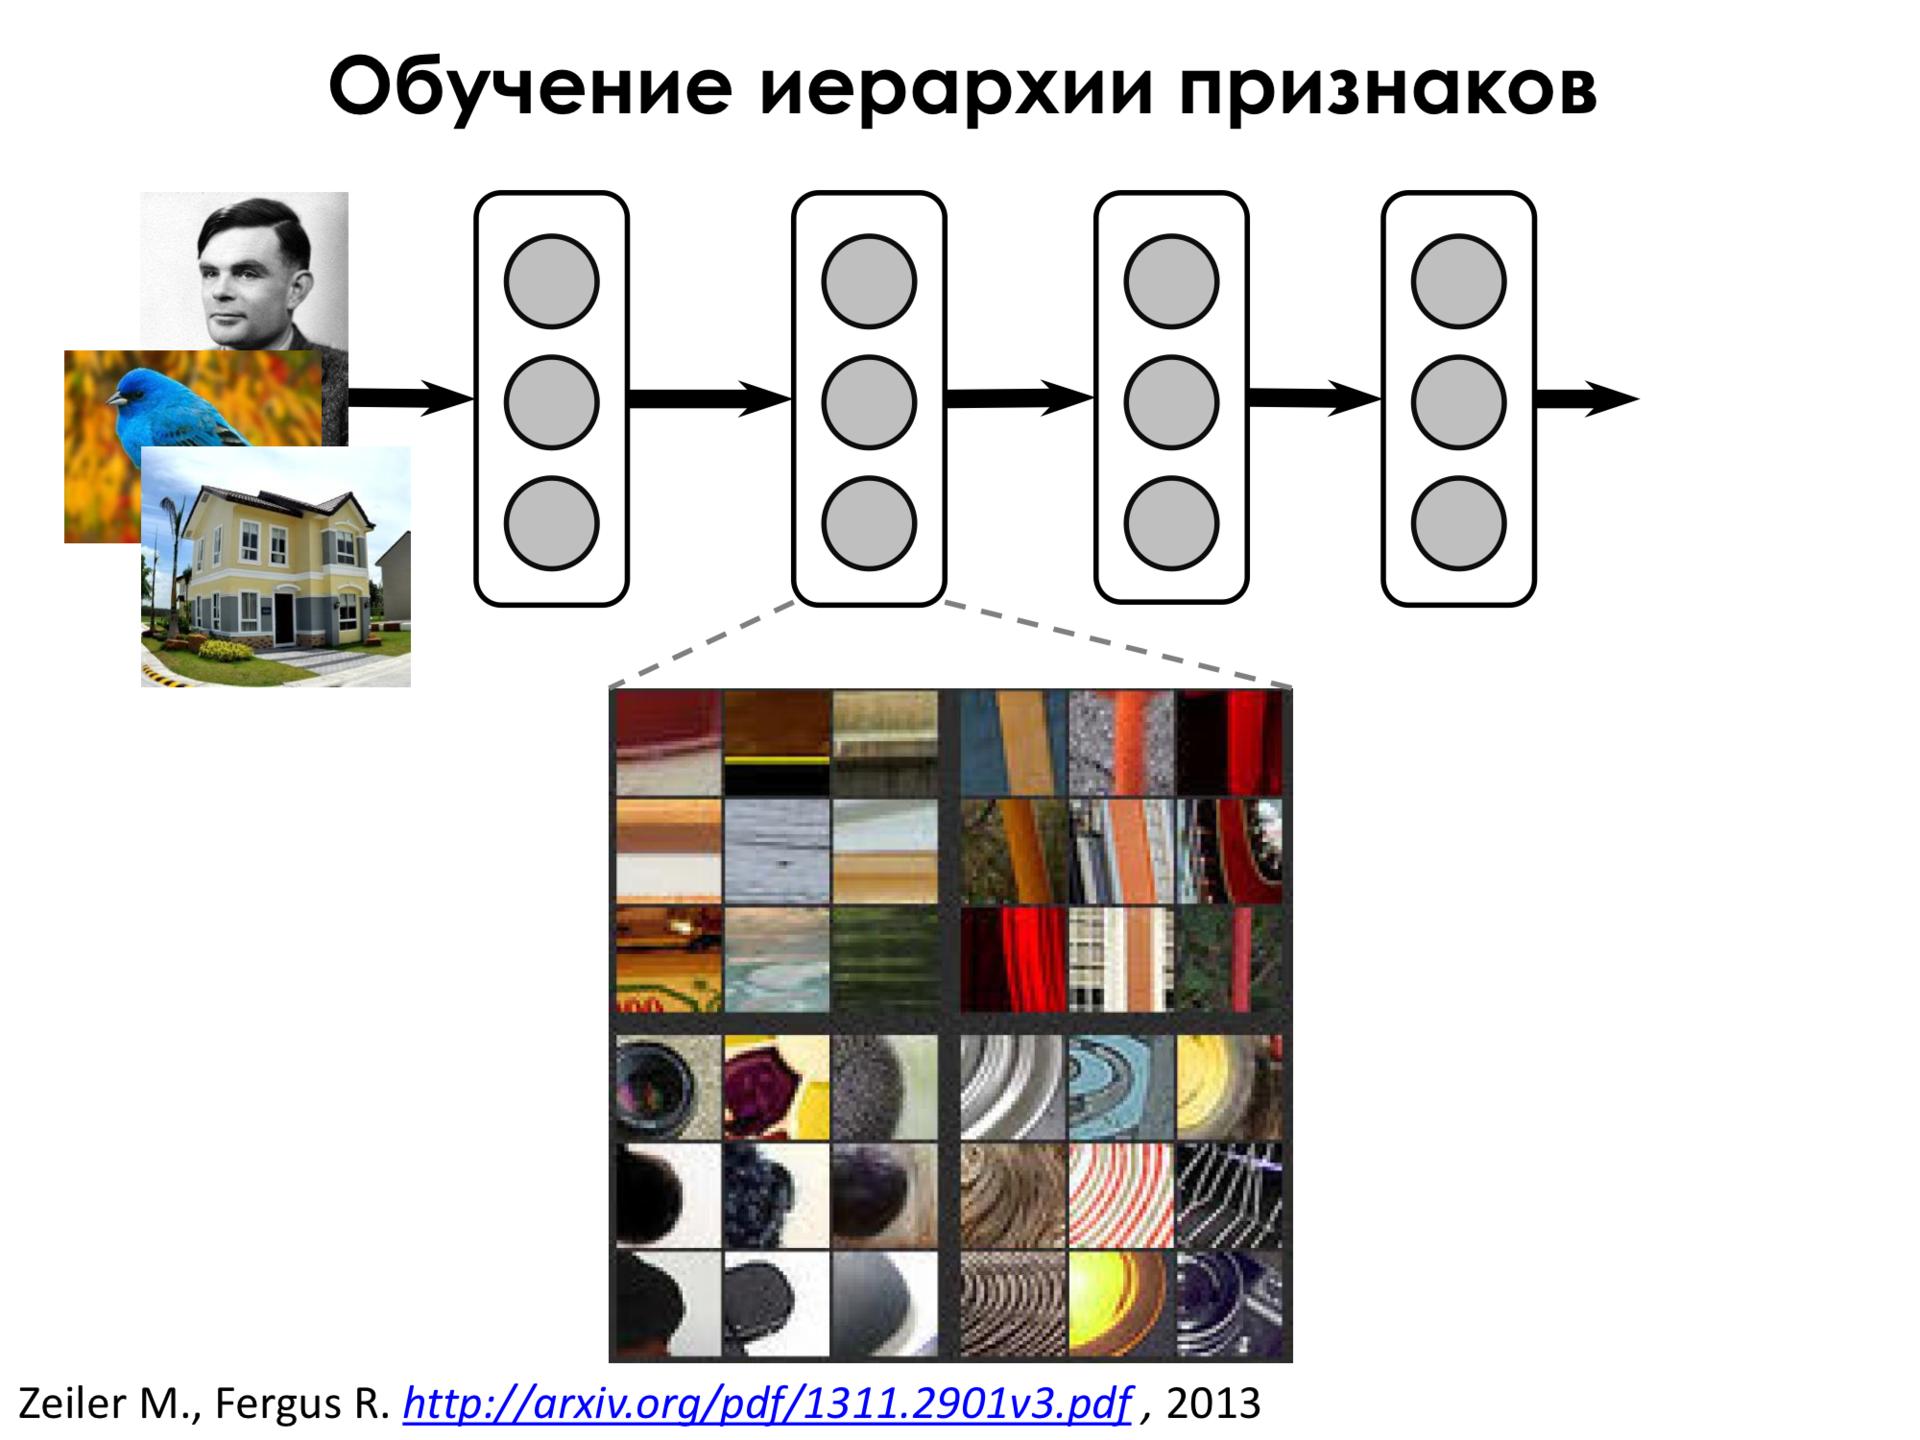 Самое главное о нейронных сетях. Лекция в Яндексе - 20